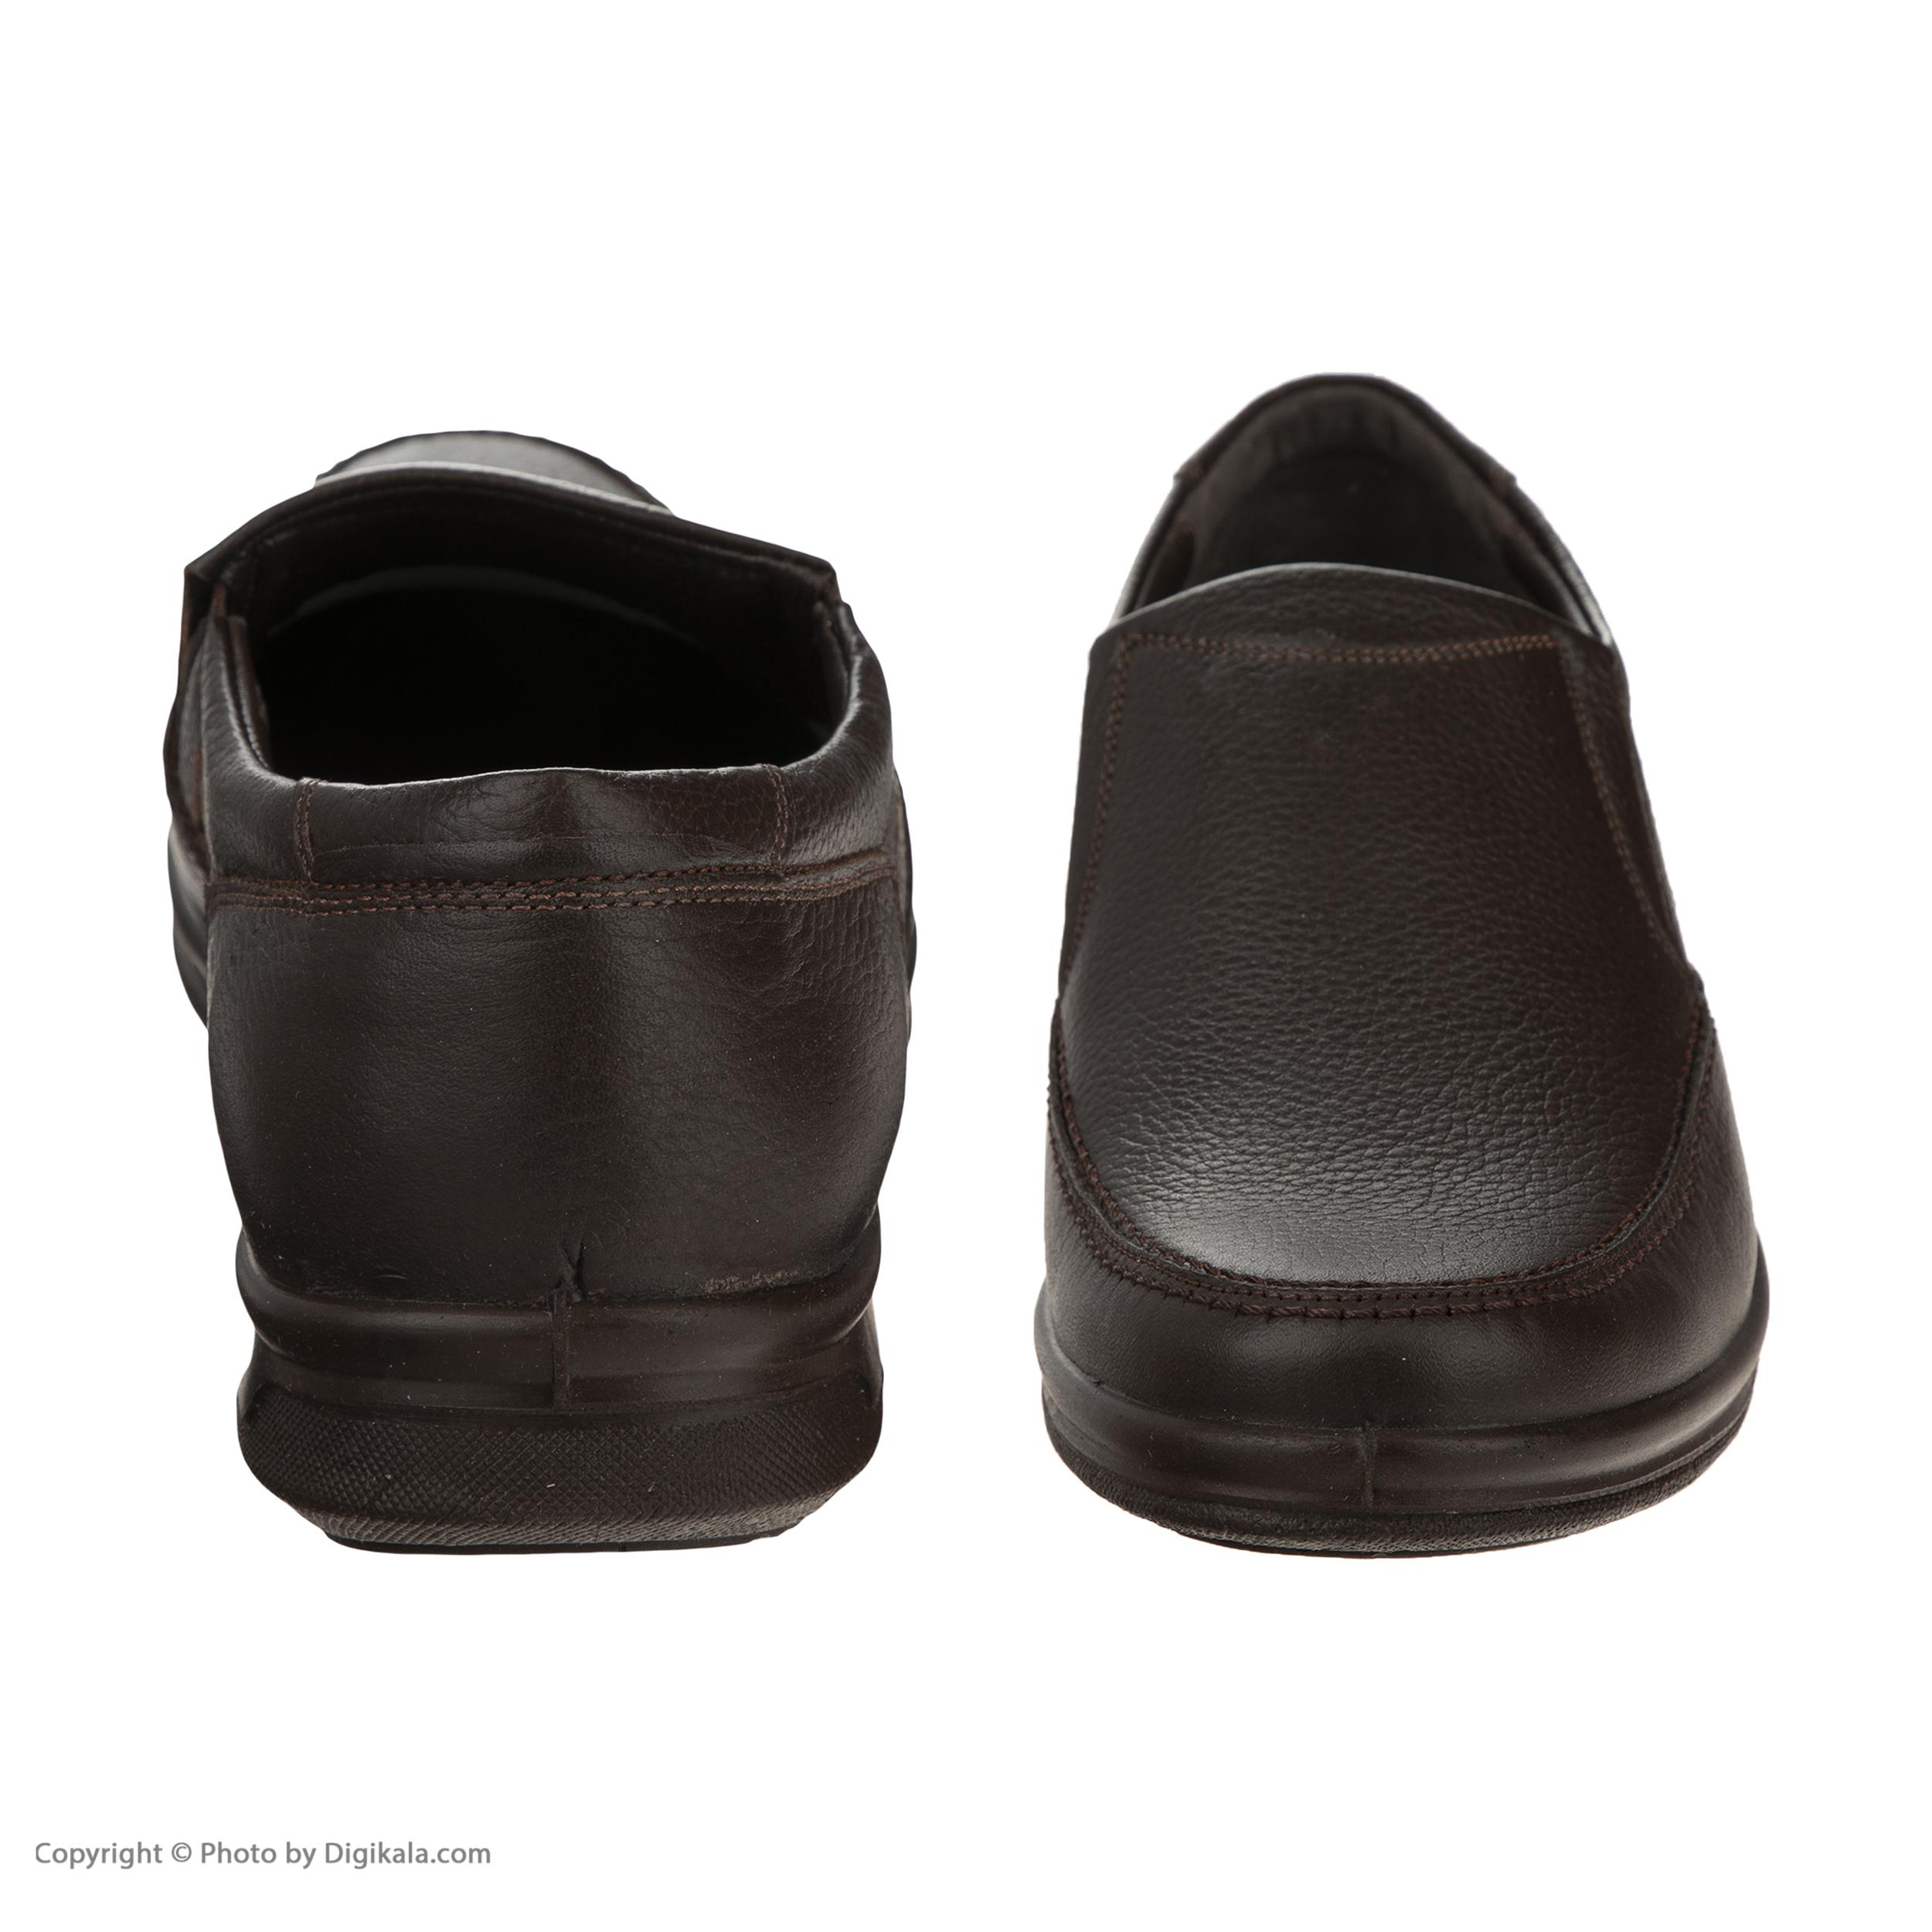 کفش روزمره مردانه بلوط مدل 7296A503104 -  - 5